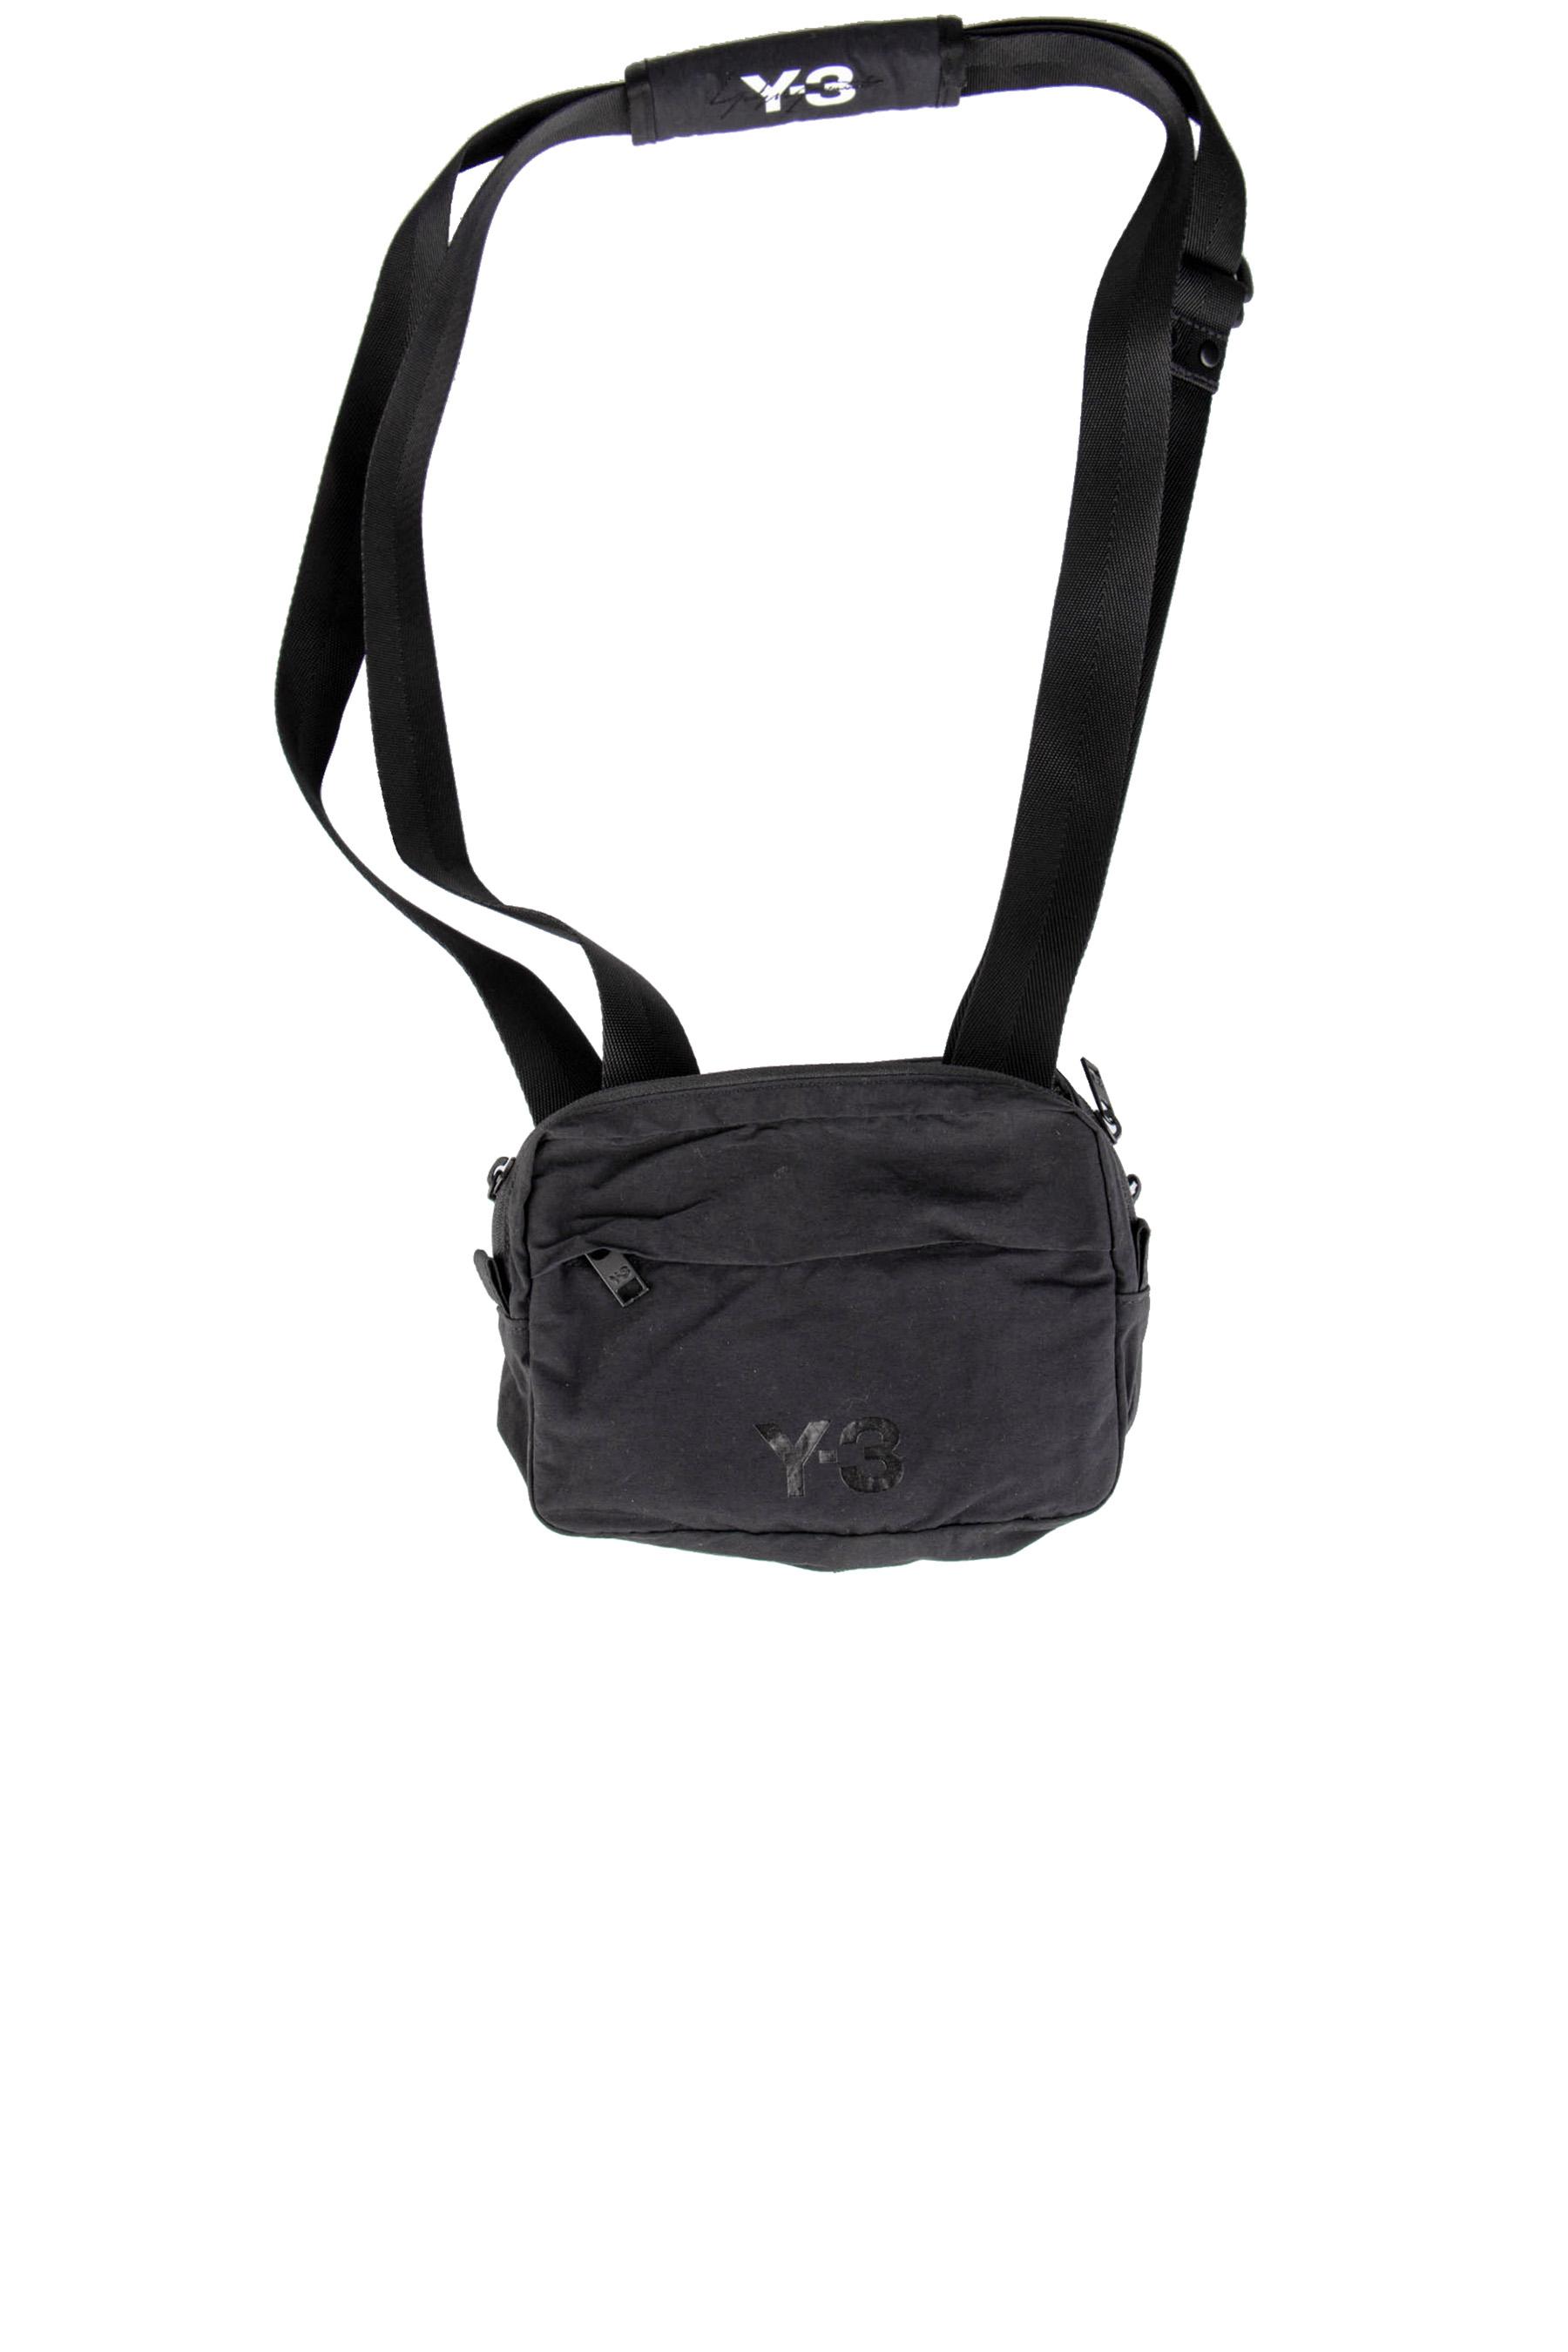 95db2898b1316 Preview  Y-3 Multi Pocket Bag ...